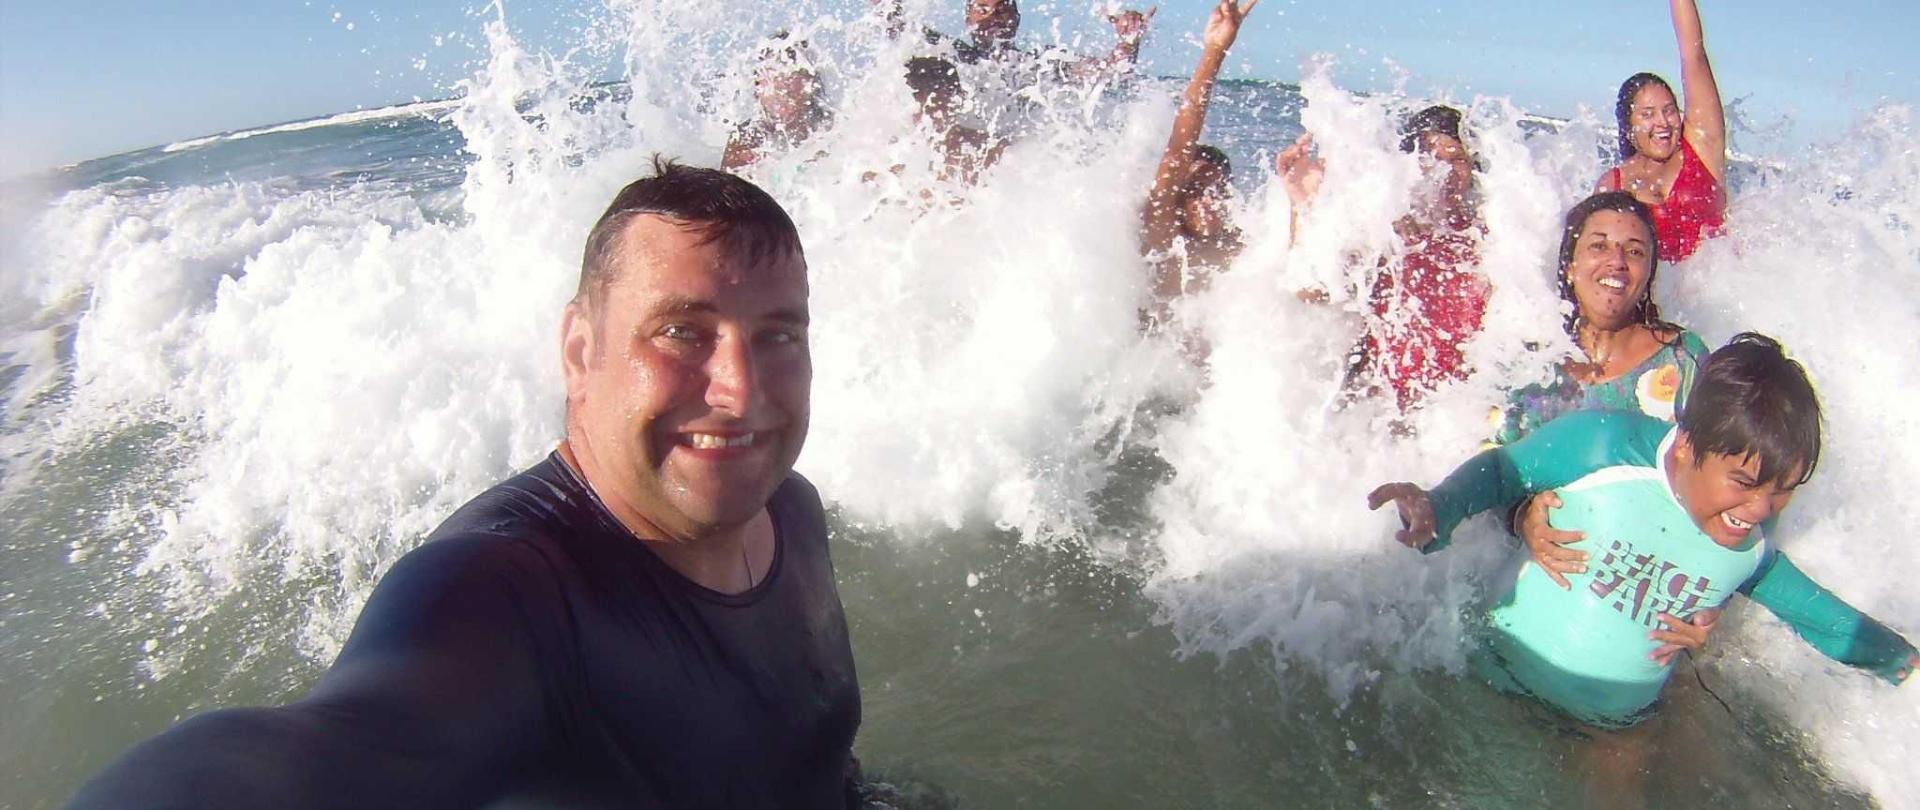 praia-banho-familia-1.jpg